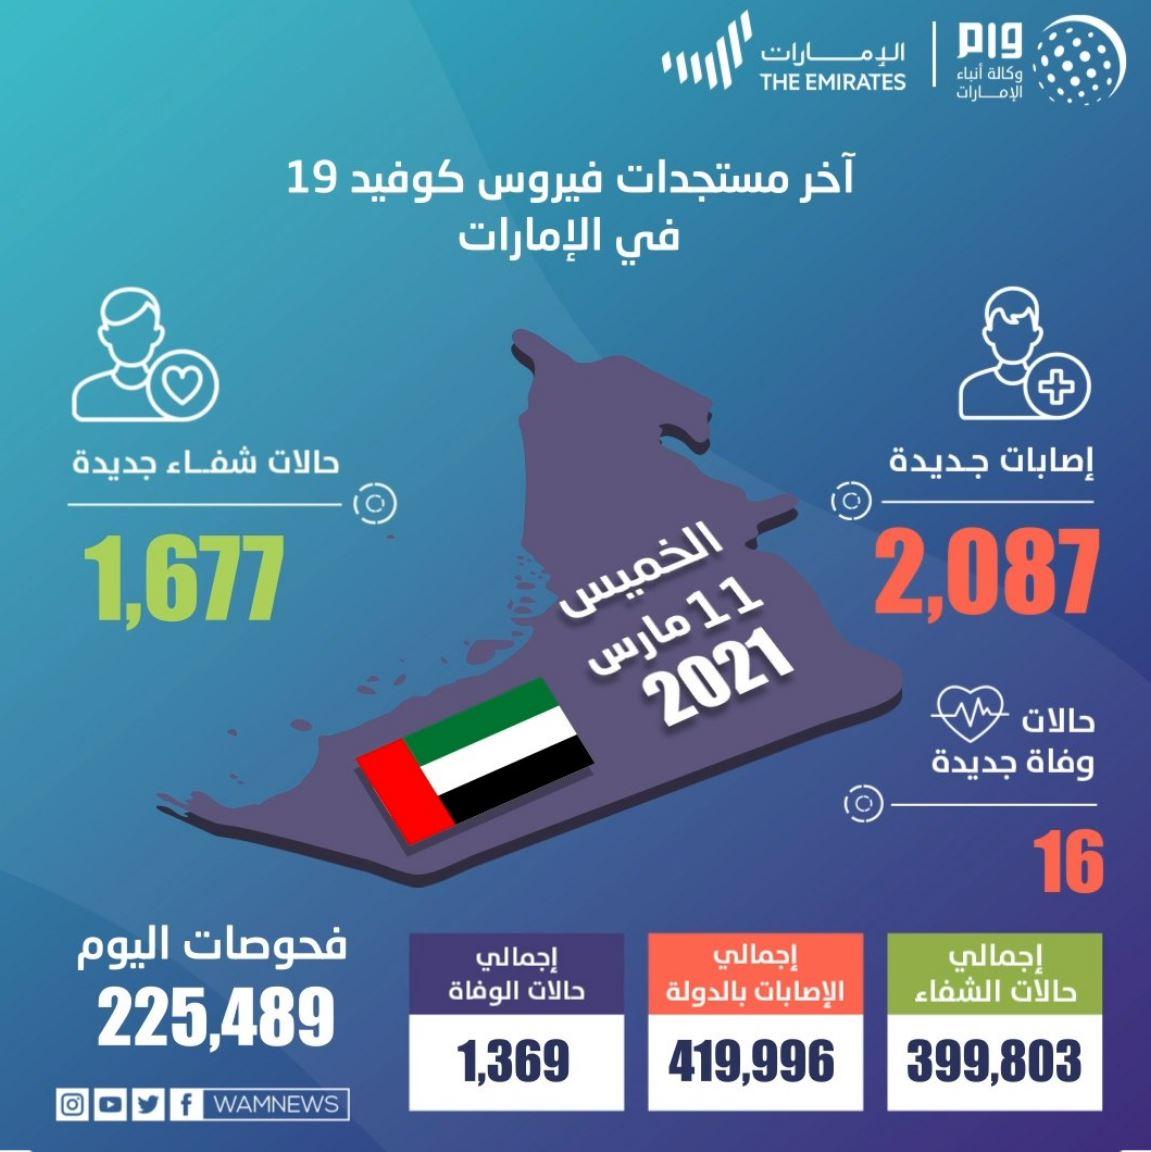 وزارة الصحة بالدولة تجري 225,489 فحصا ضمن خططها لتوسيع نطاق الفحوصات